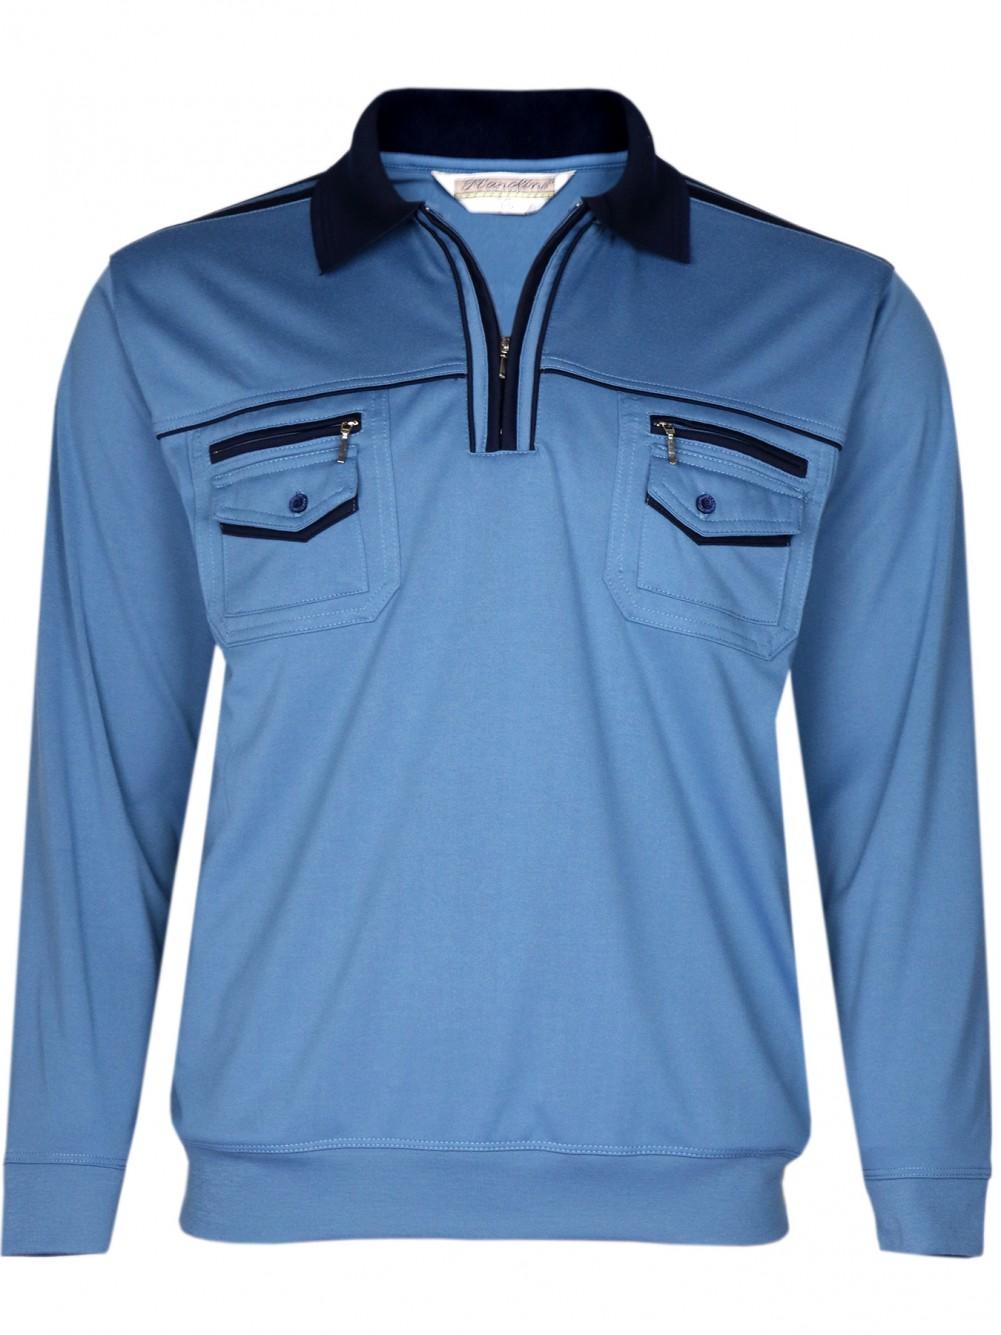 Langarmshirts, Herren Blousonshirt in bügelfreier Qualität - Stahlblau